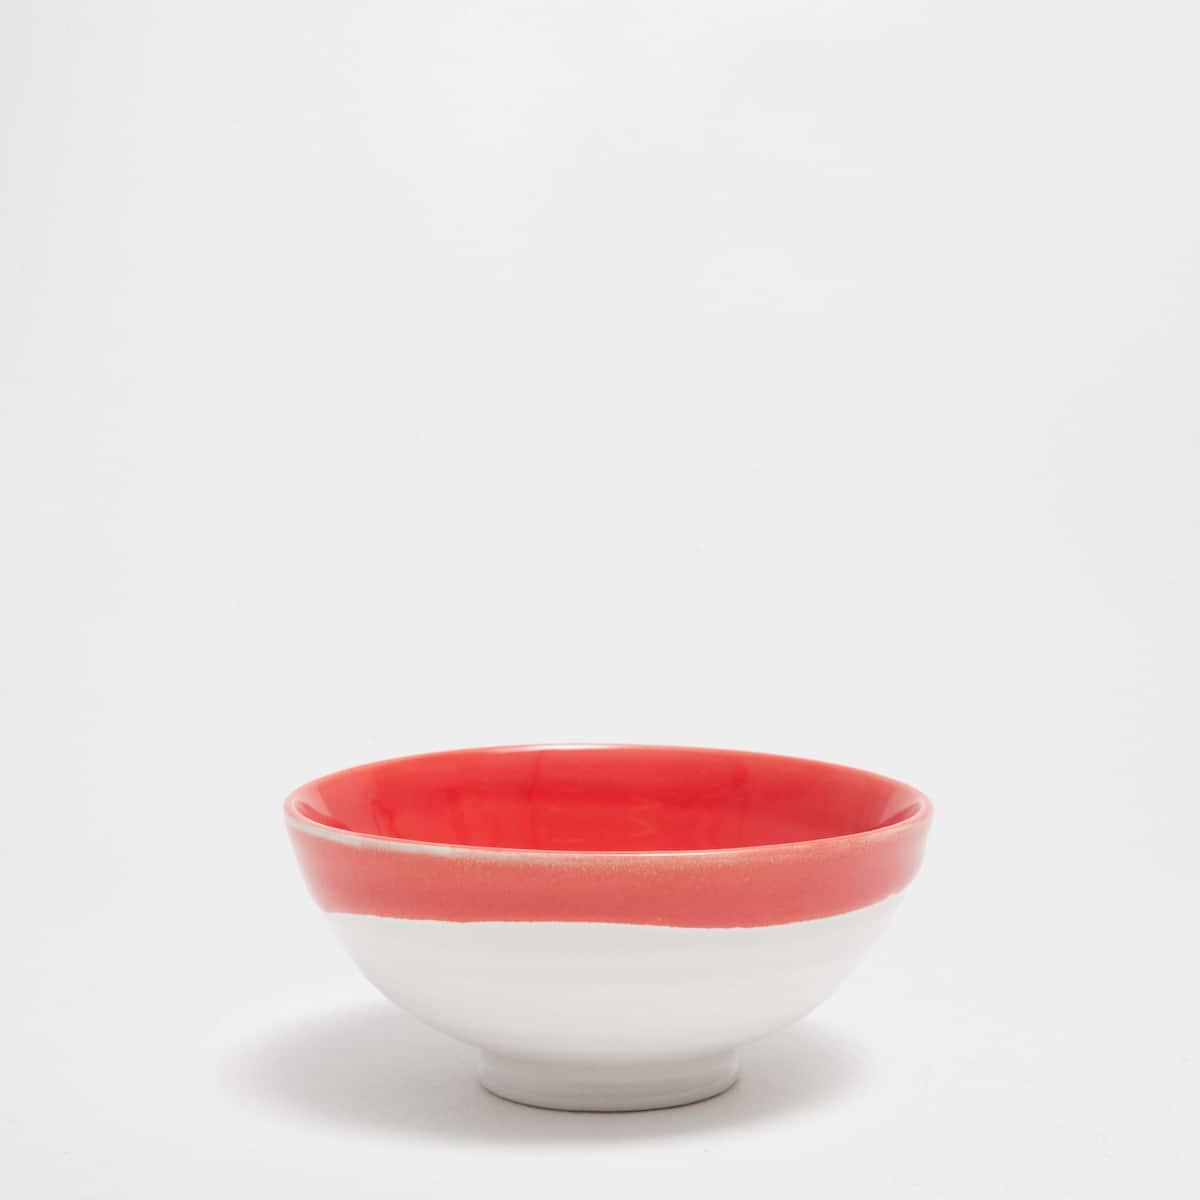 Afbeelding 1 van het product Geschilderde aardewerken kom